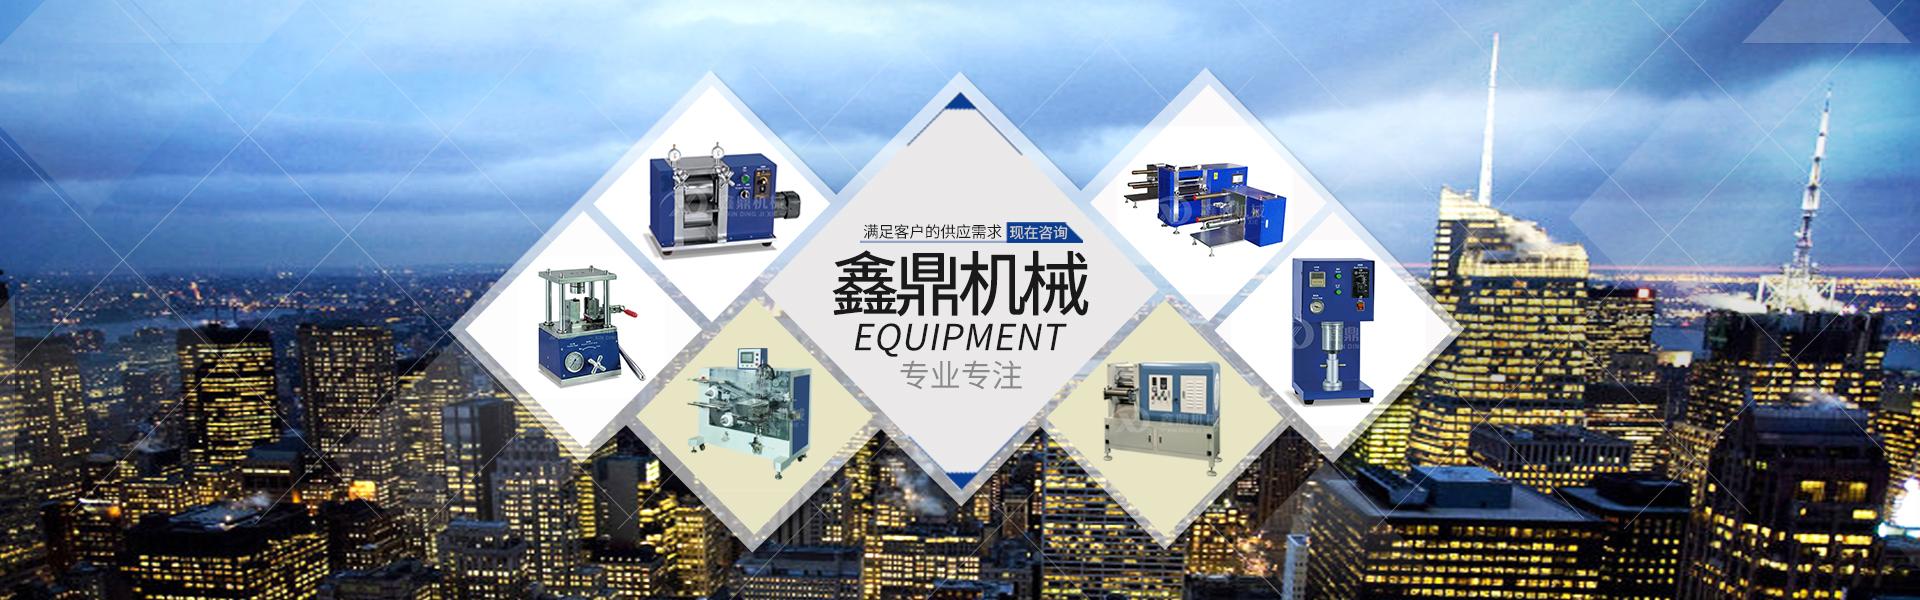 深圳锂电池应用研发设备,广东锂电池应用研发设备